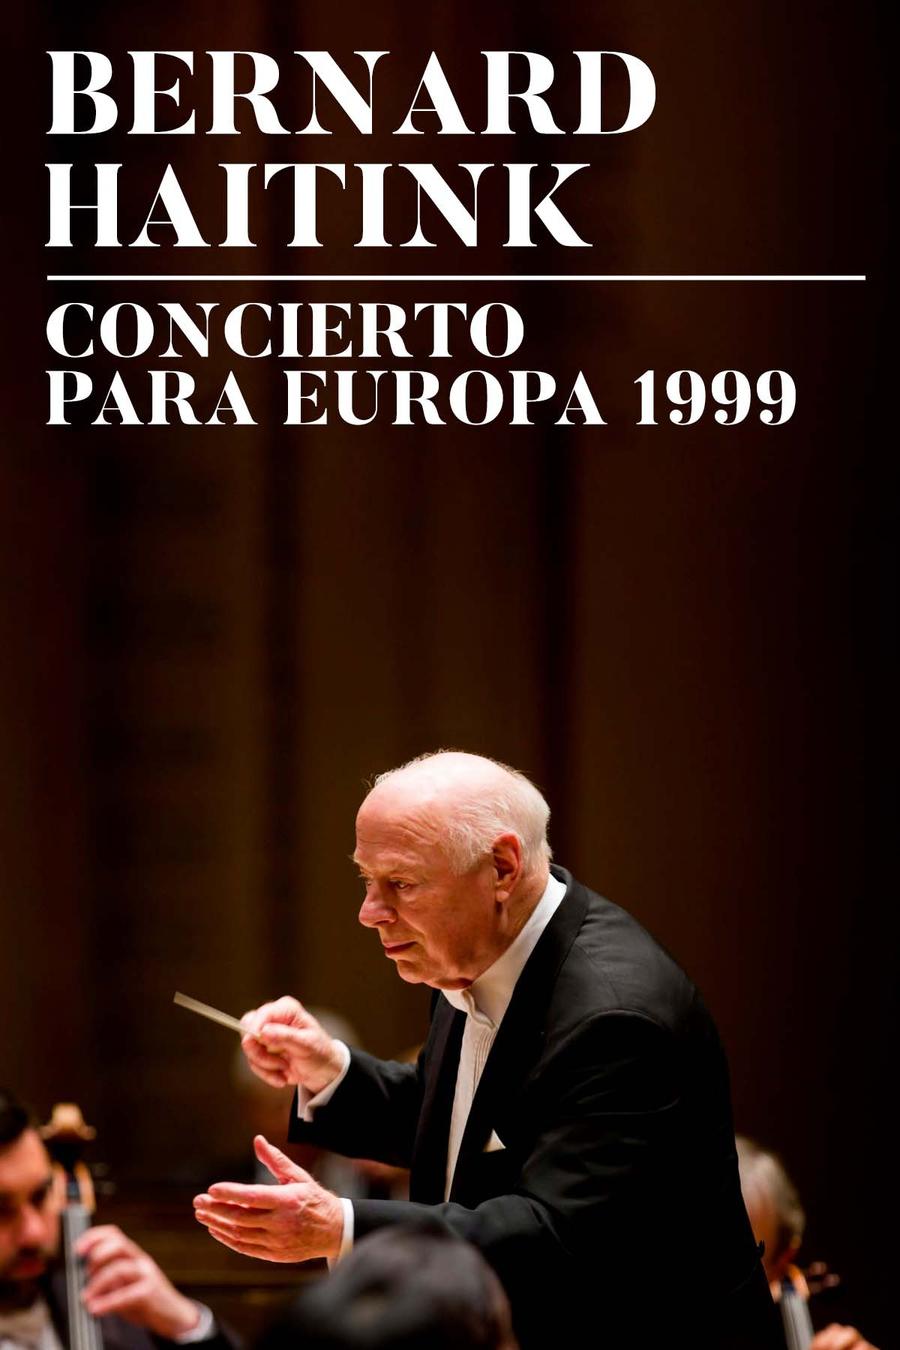 Concert per a Europa 1999